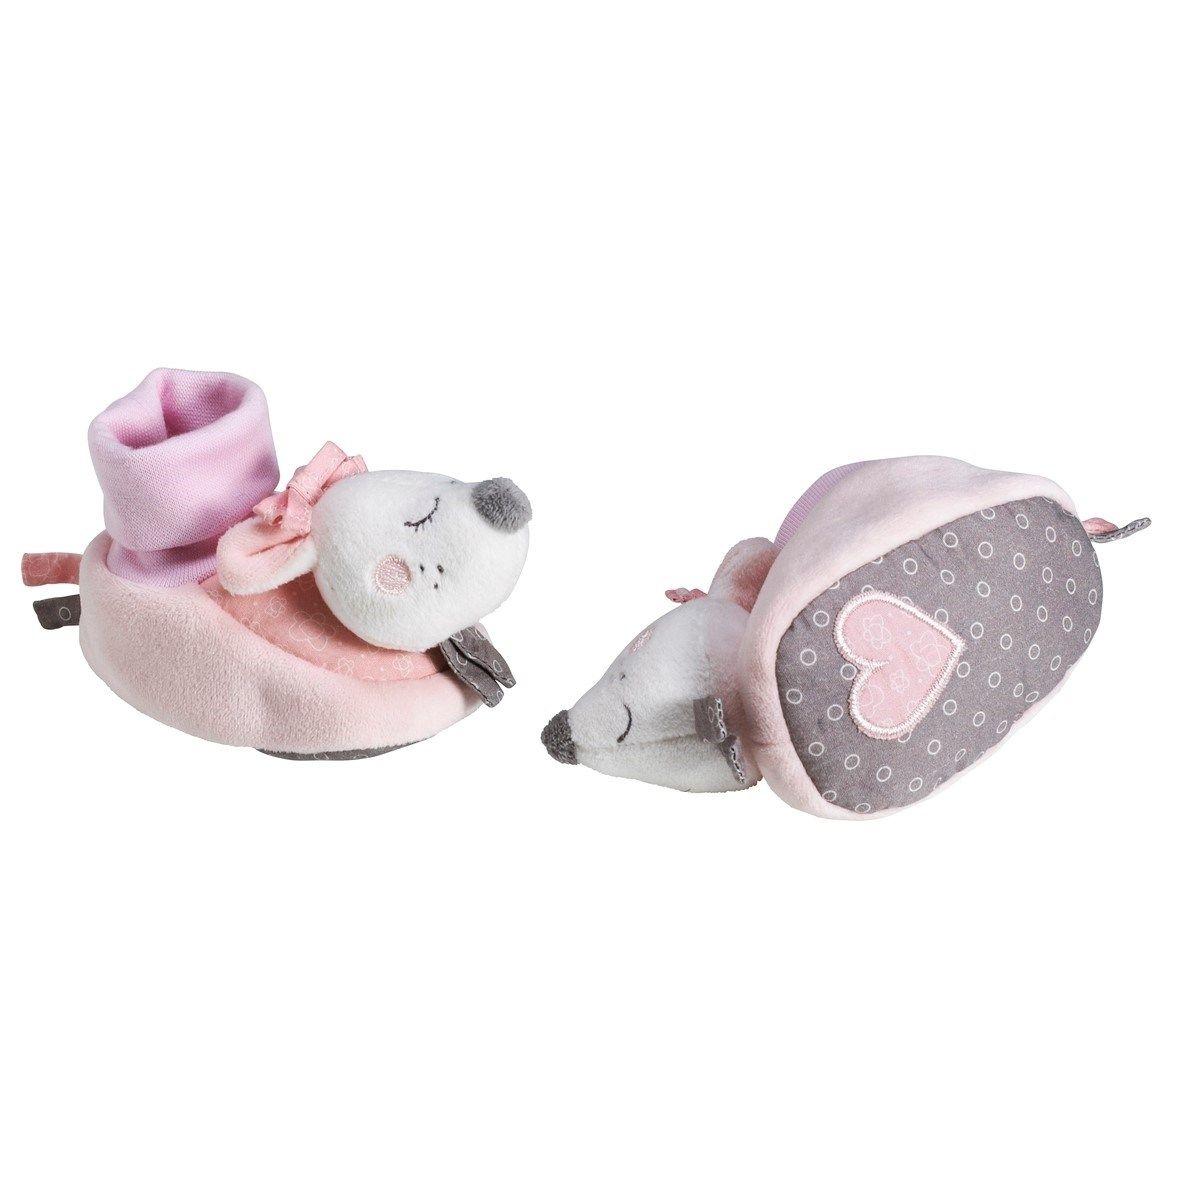 Chaussons bébé 0-6 mois belle